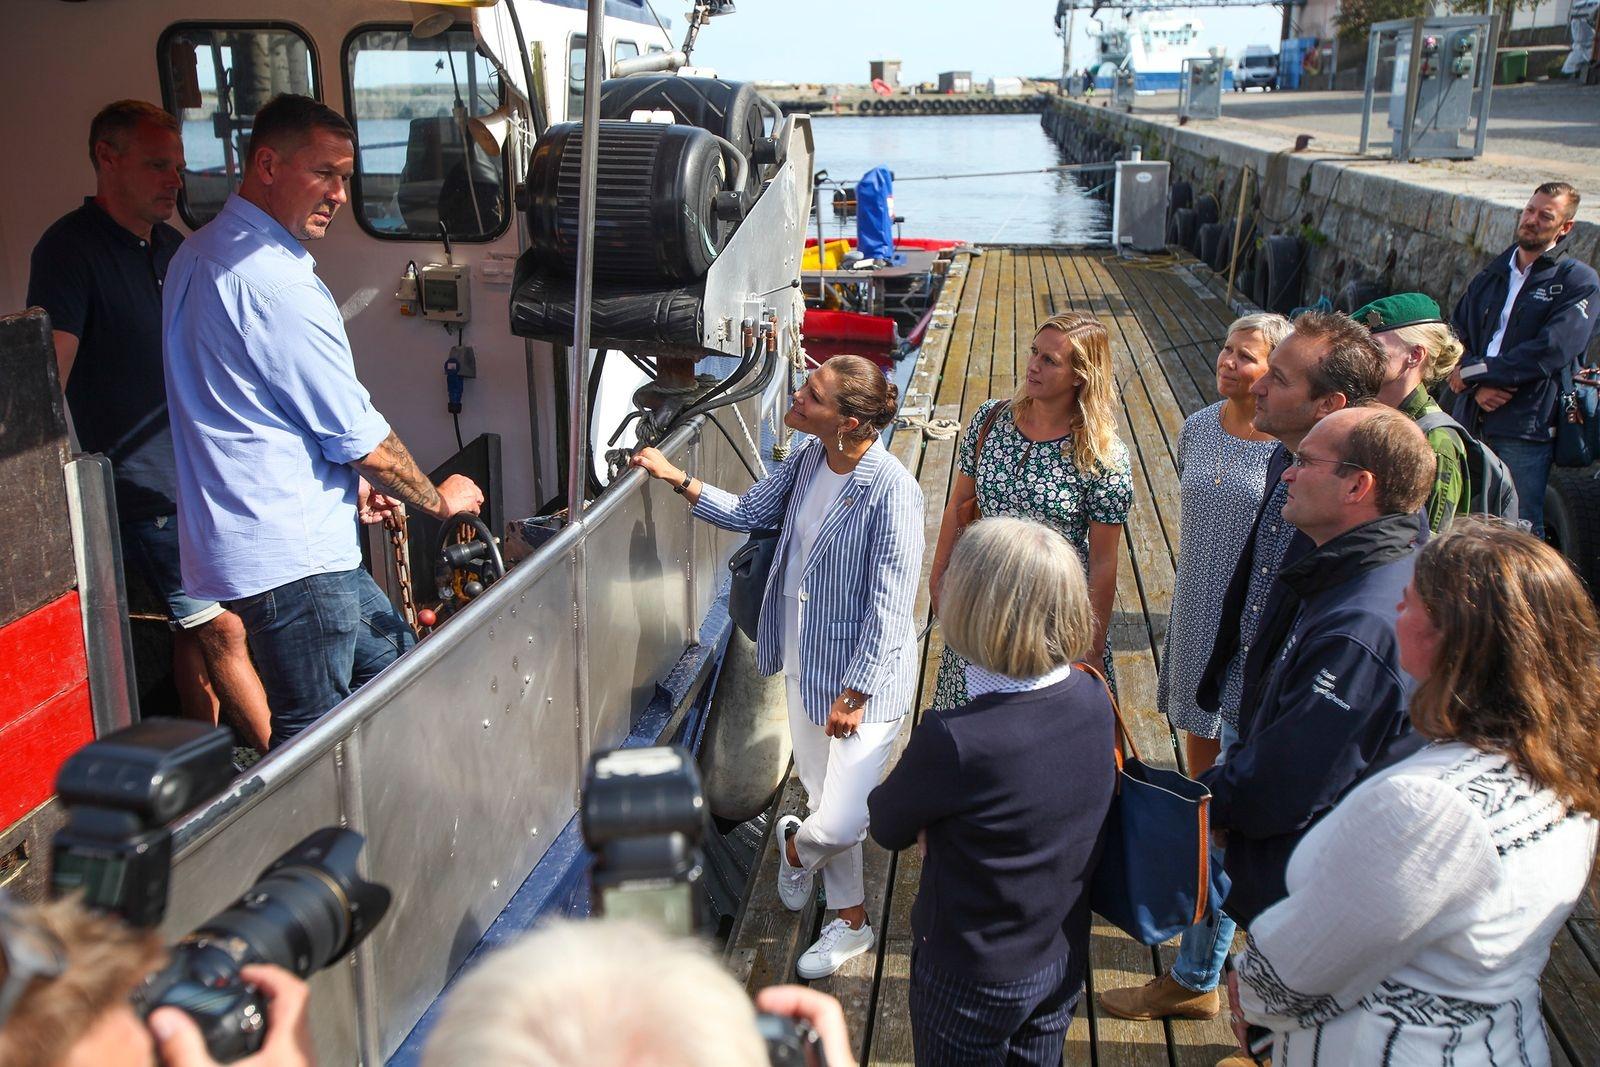 Kronprinsessan Victorias besök i somras fick Simrishamnsborna att gå man ur huse. Kronprinsessan har ett stort intresse för Östersjöns miljöproblem och lyssnade uppmärksamt under besöket på Marint Centrum.